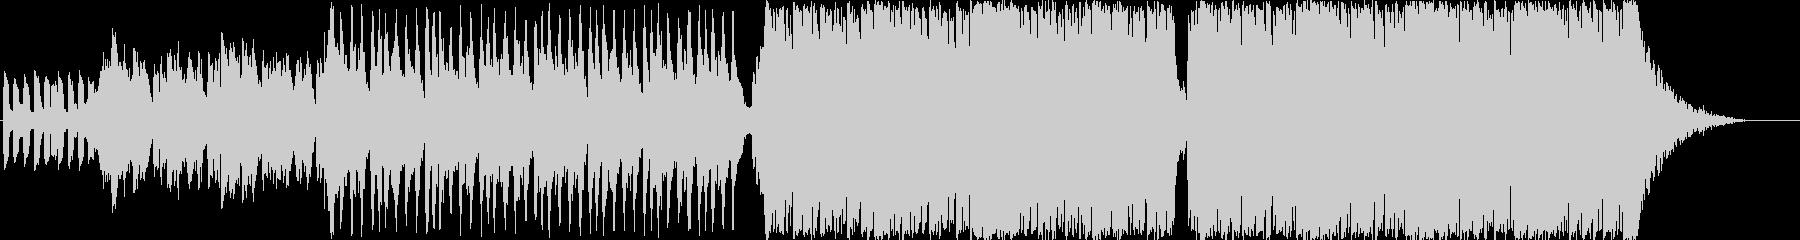 ドキュメンタリー緊迫(クワイアーなし)の未再生の波形